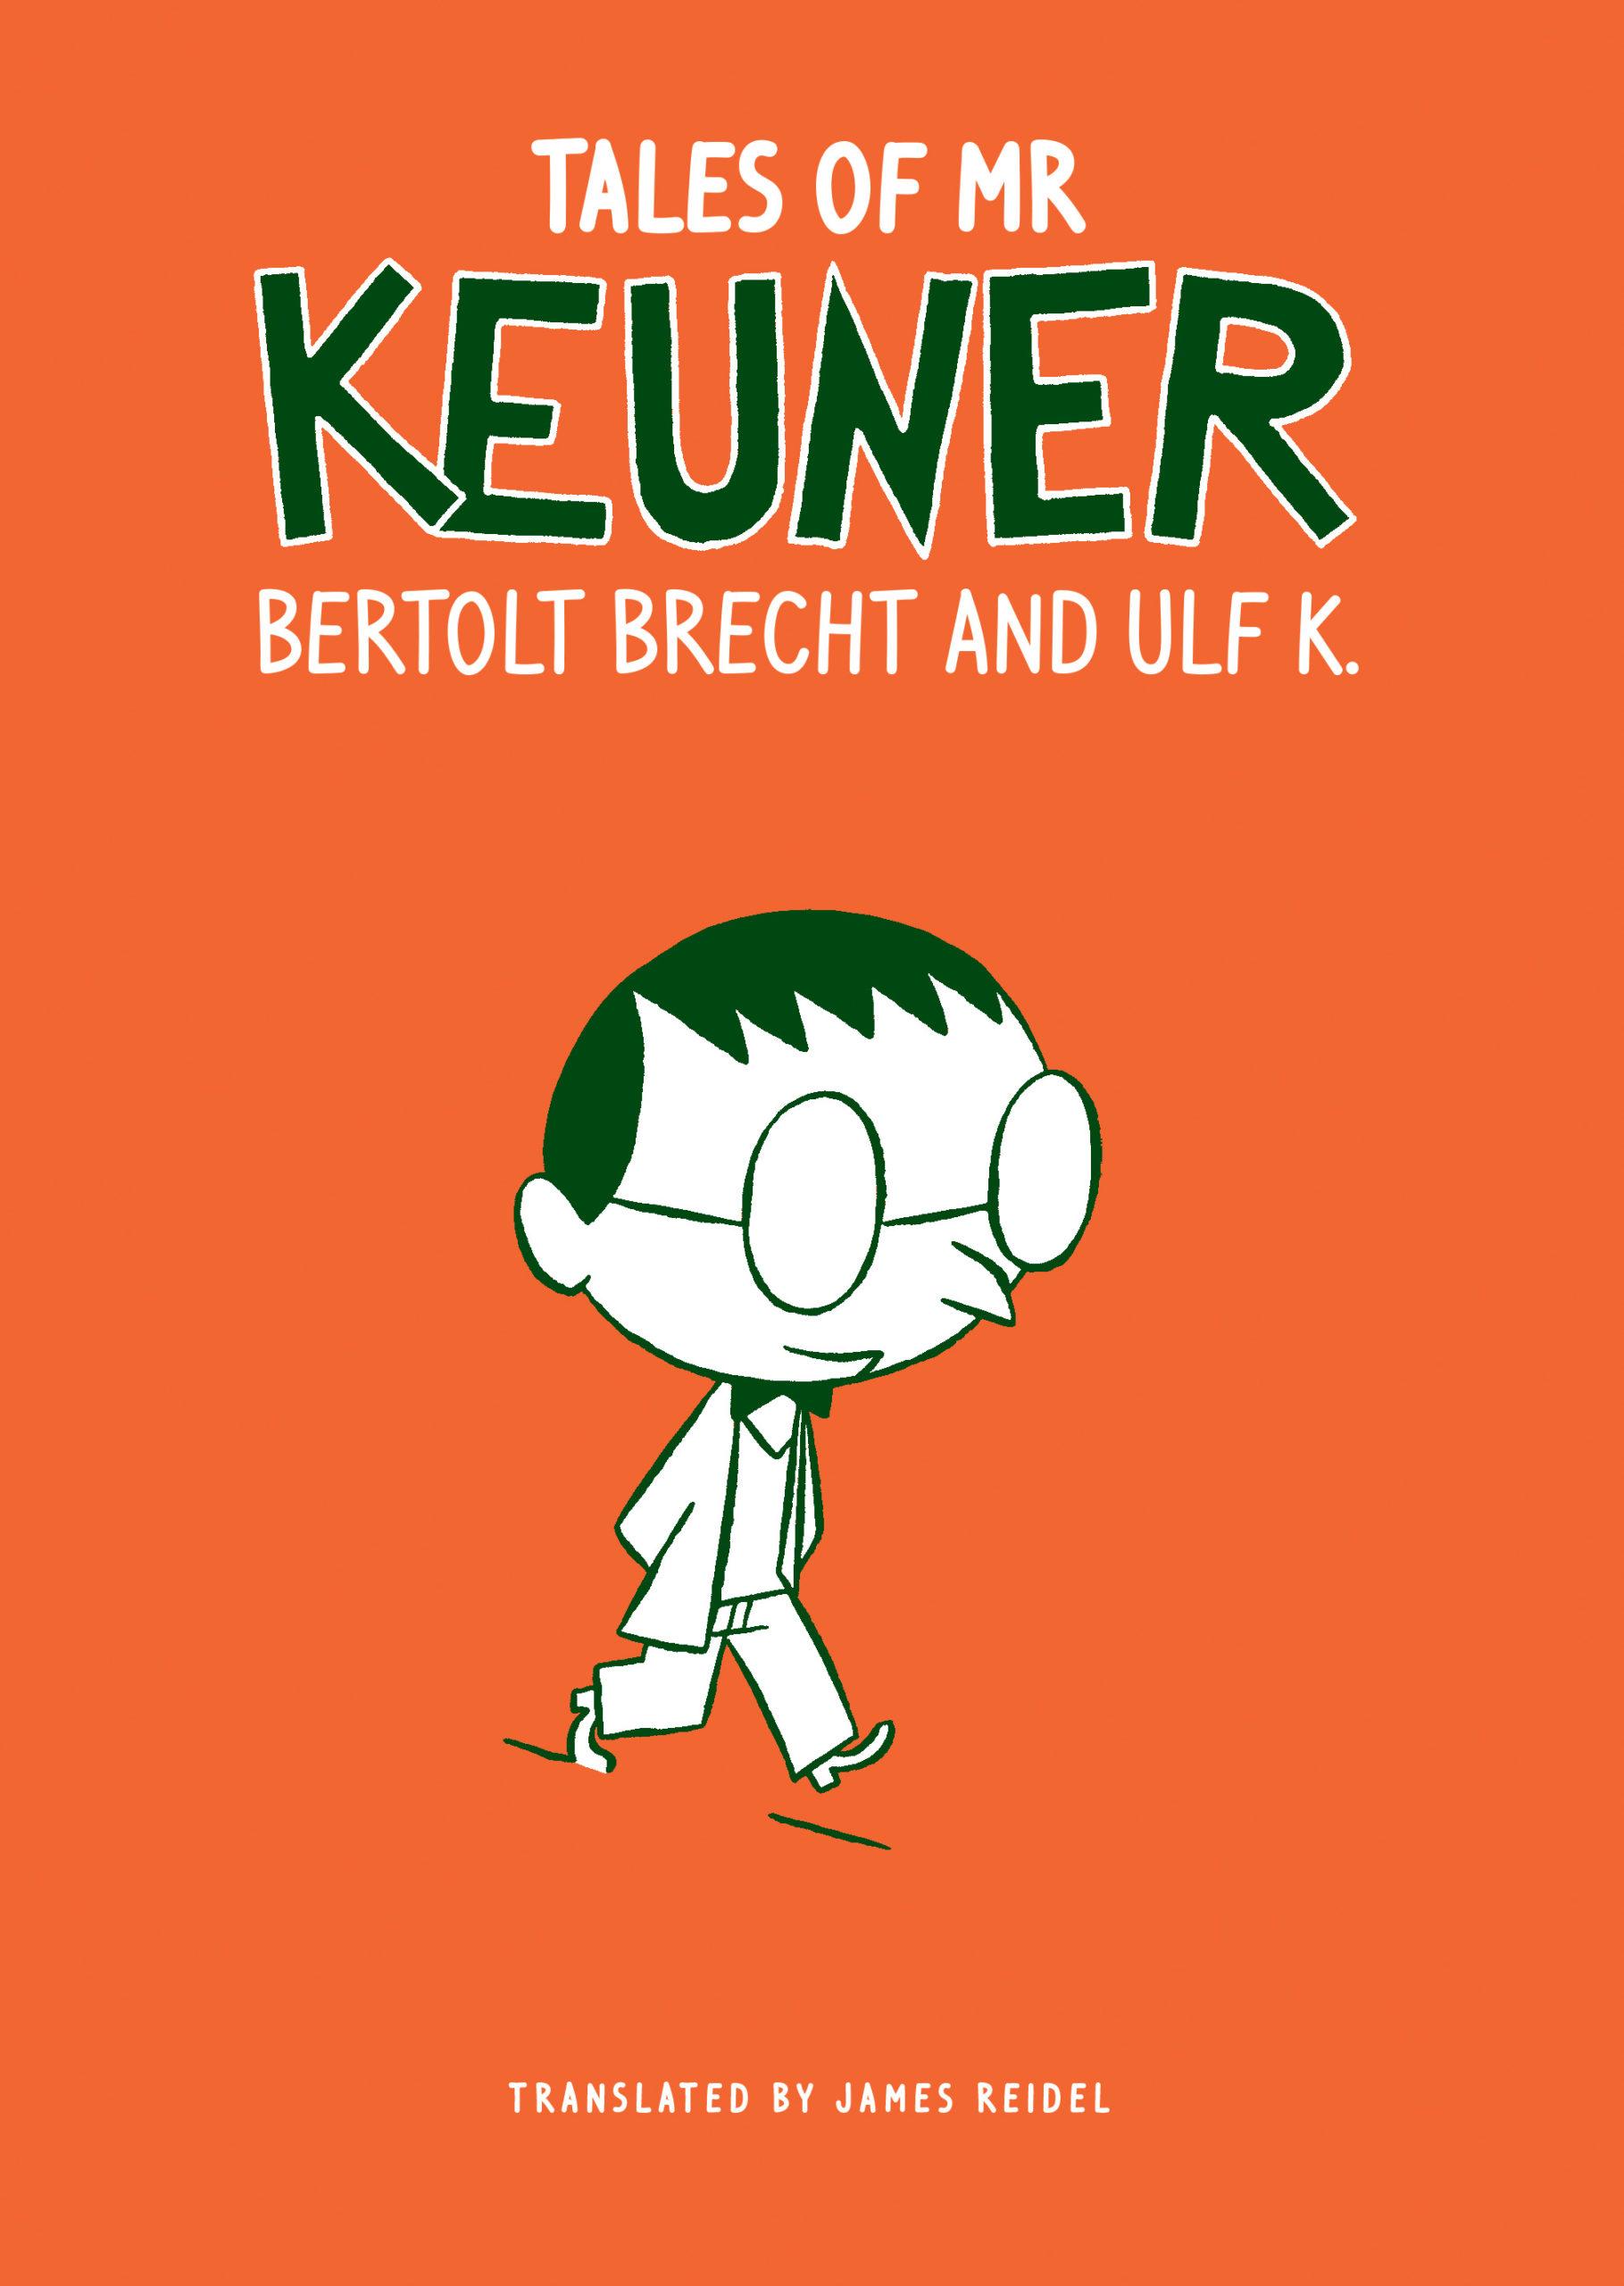 Brecht Mr Keuner Cover